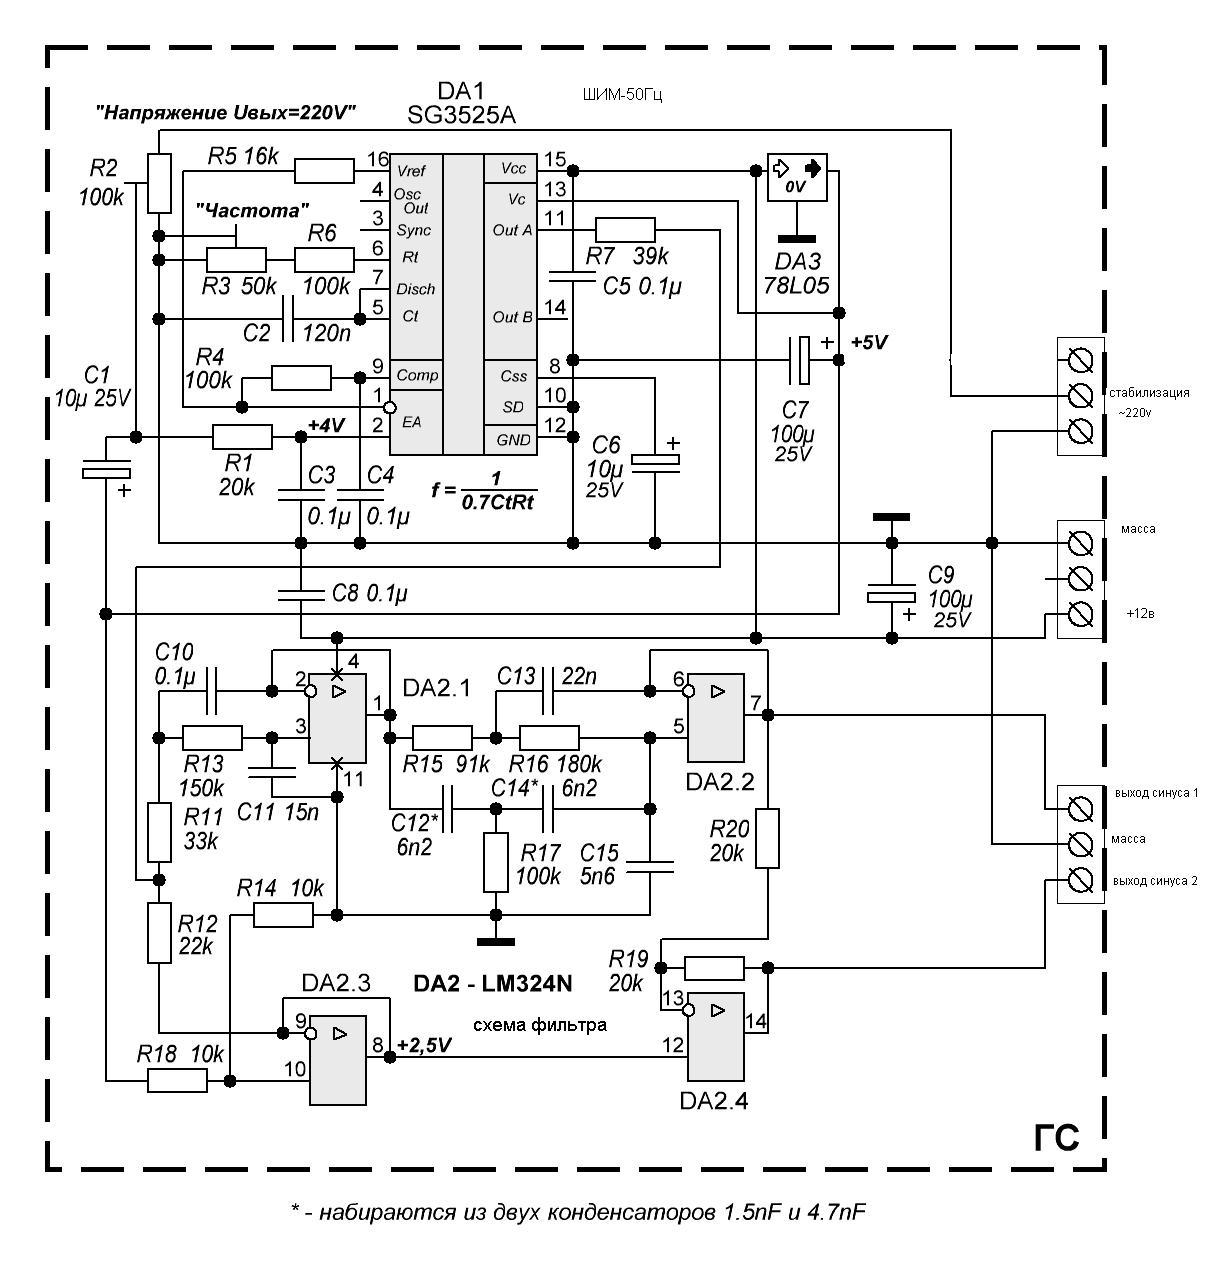 Схема простого генератора чистый синус 50гц